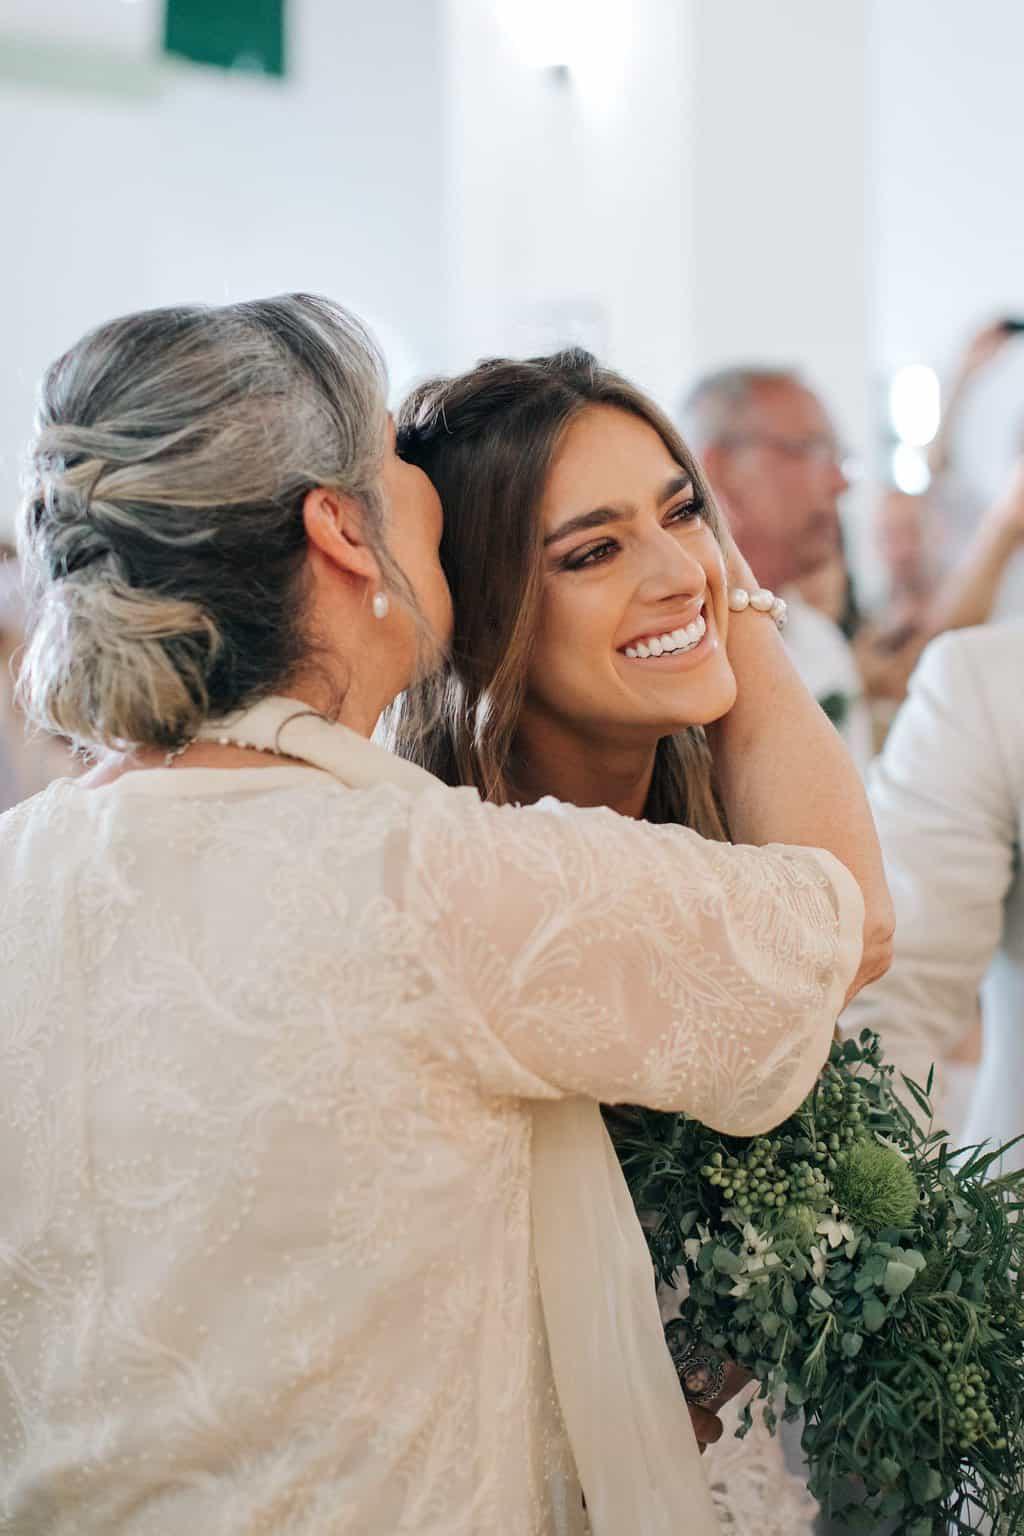 casamento-Danielle-e-Guilherme-aloha-fotografia-caseme-84